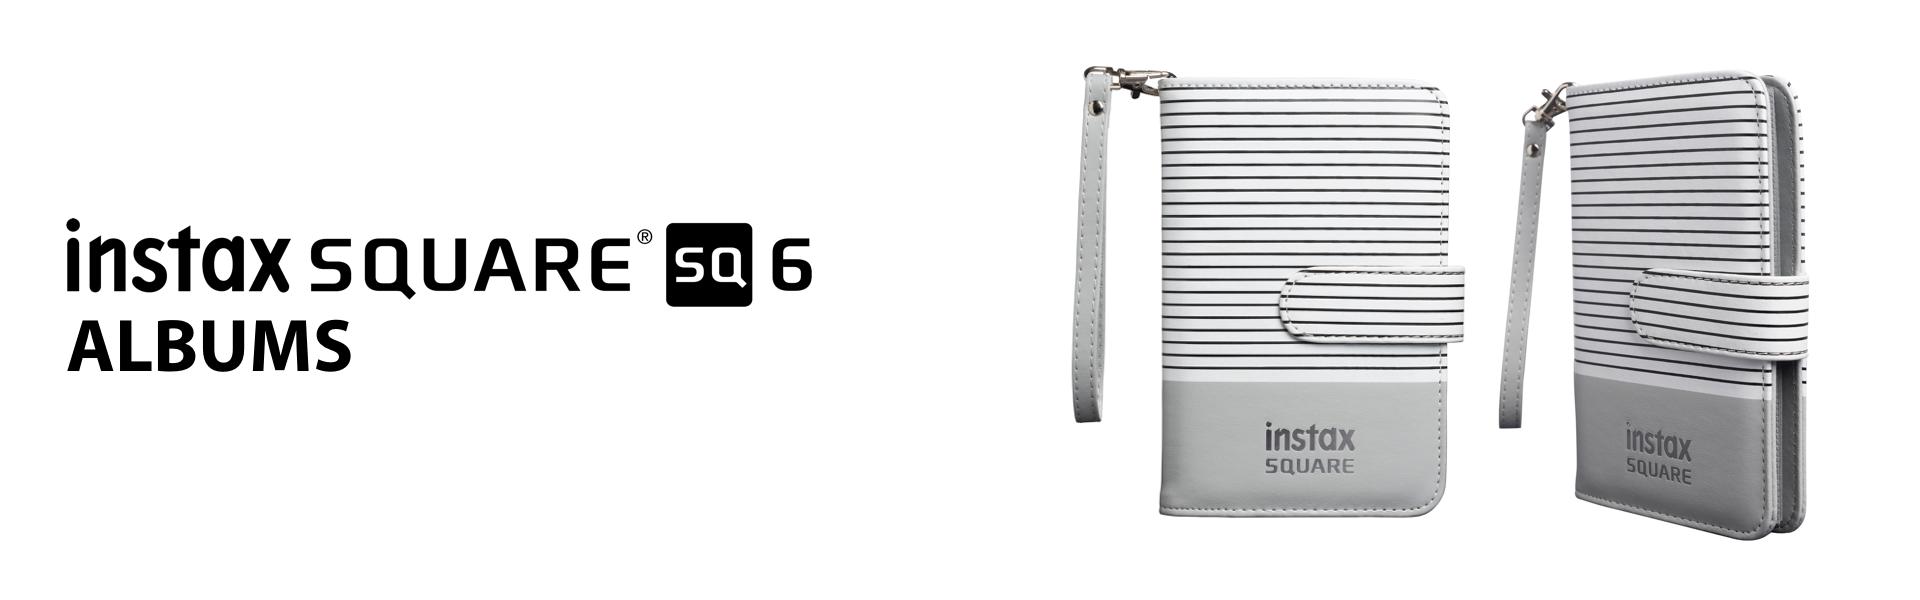 SQ 6 Photo Album